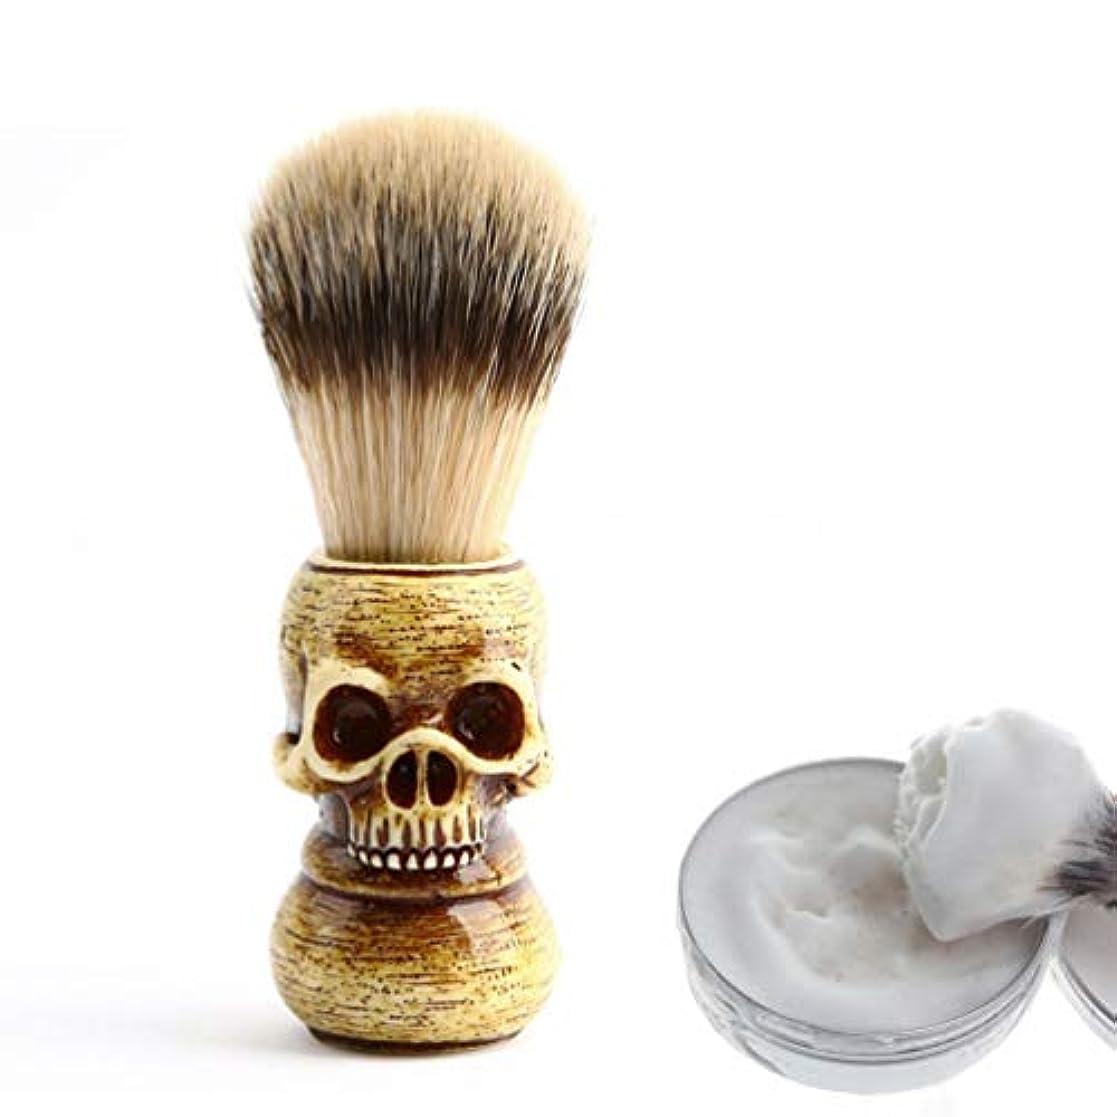 遅らせる規則性冗長Vosarea 1ピーススカルヘッドひげブラシポータブルメンズ軽量アナグマヘアブラシ口ひげ毛剃りブラシグルーミングツール